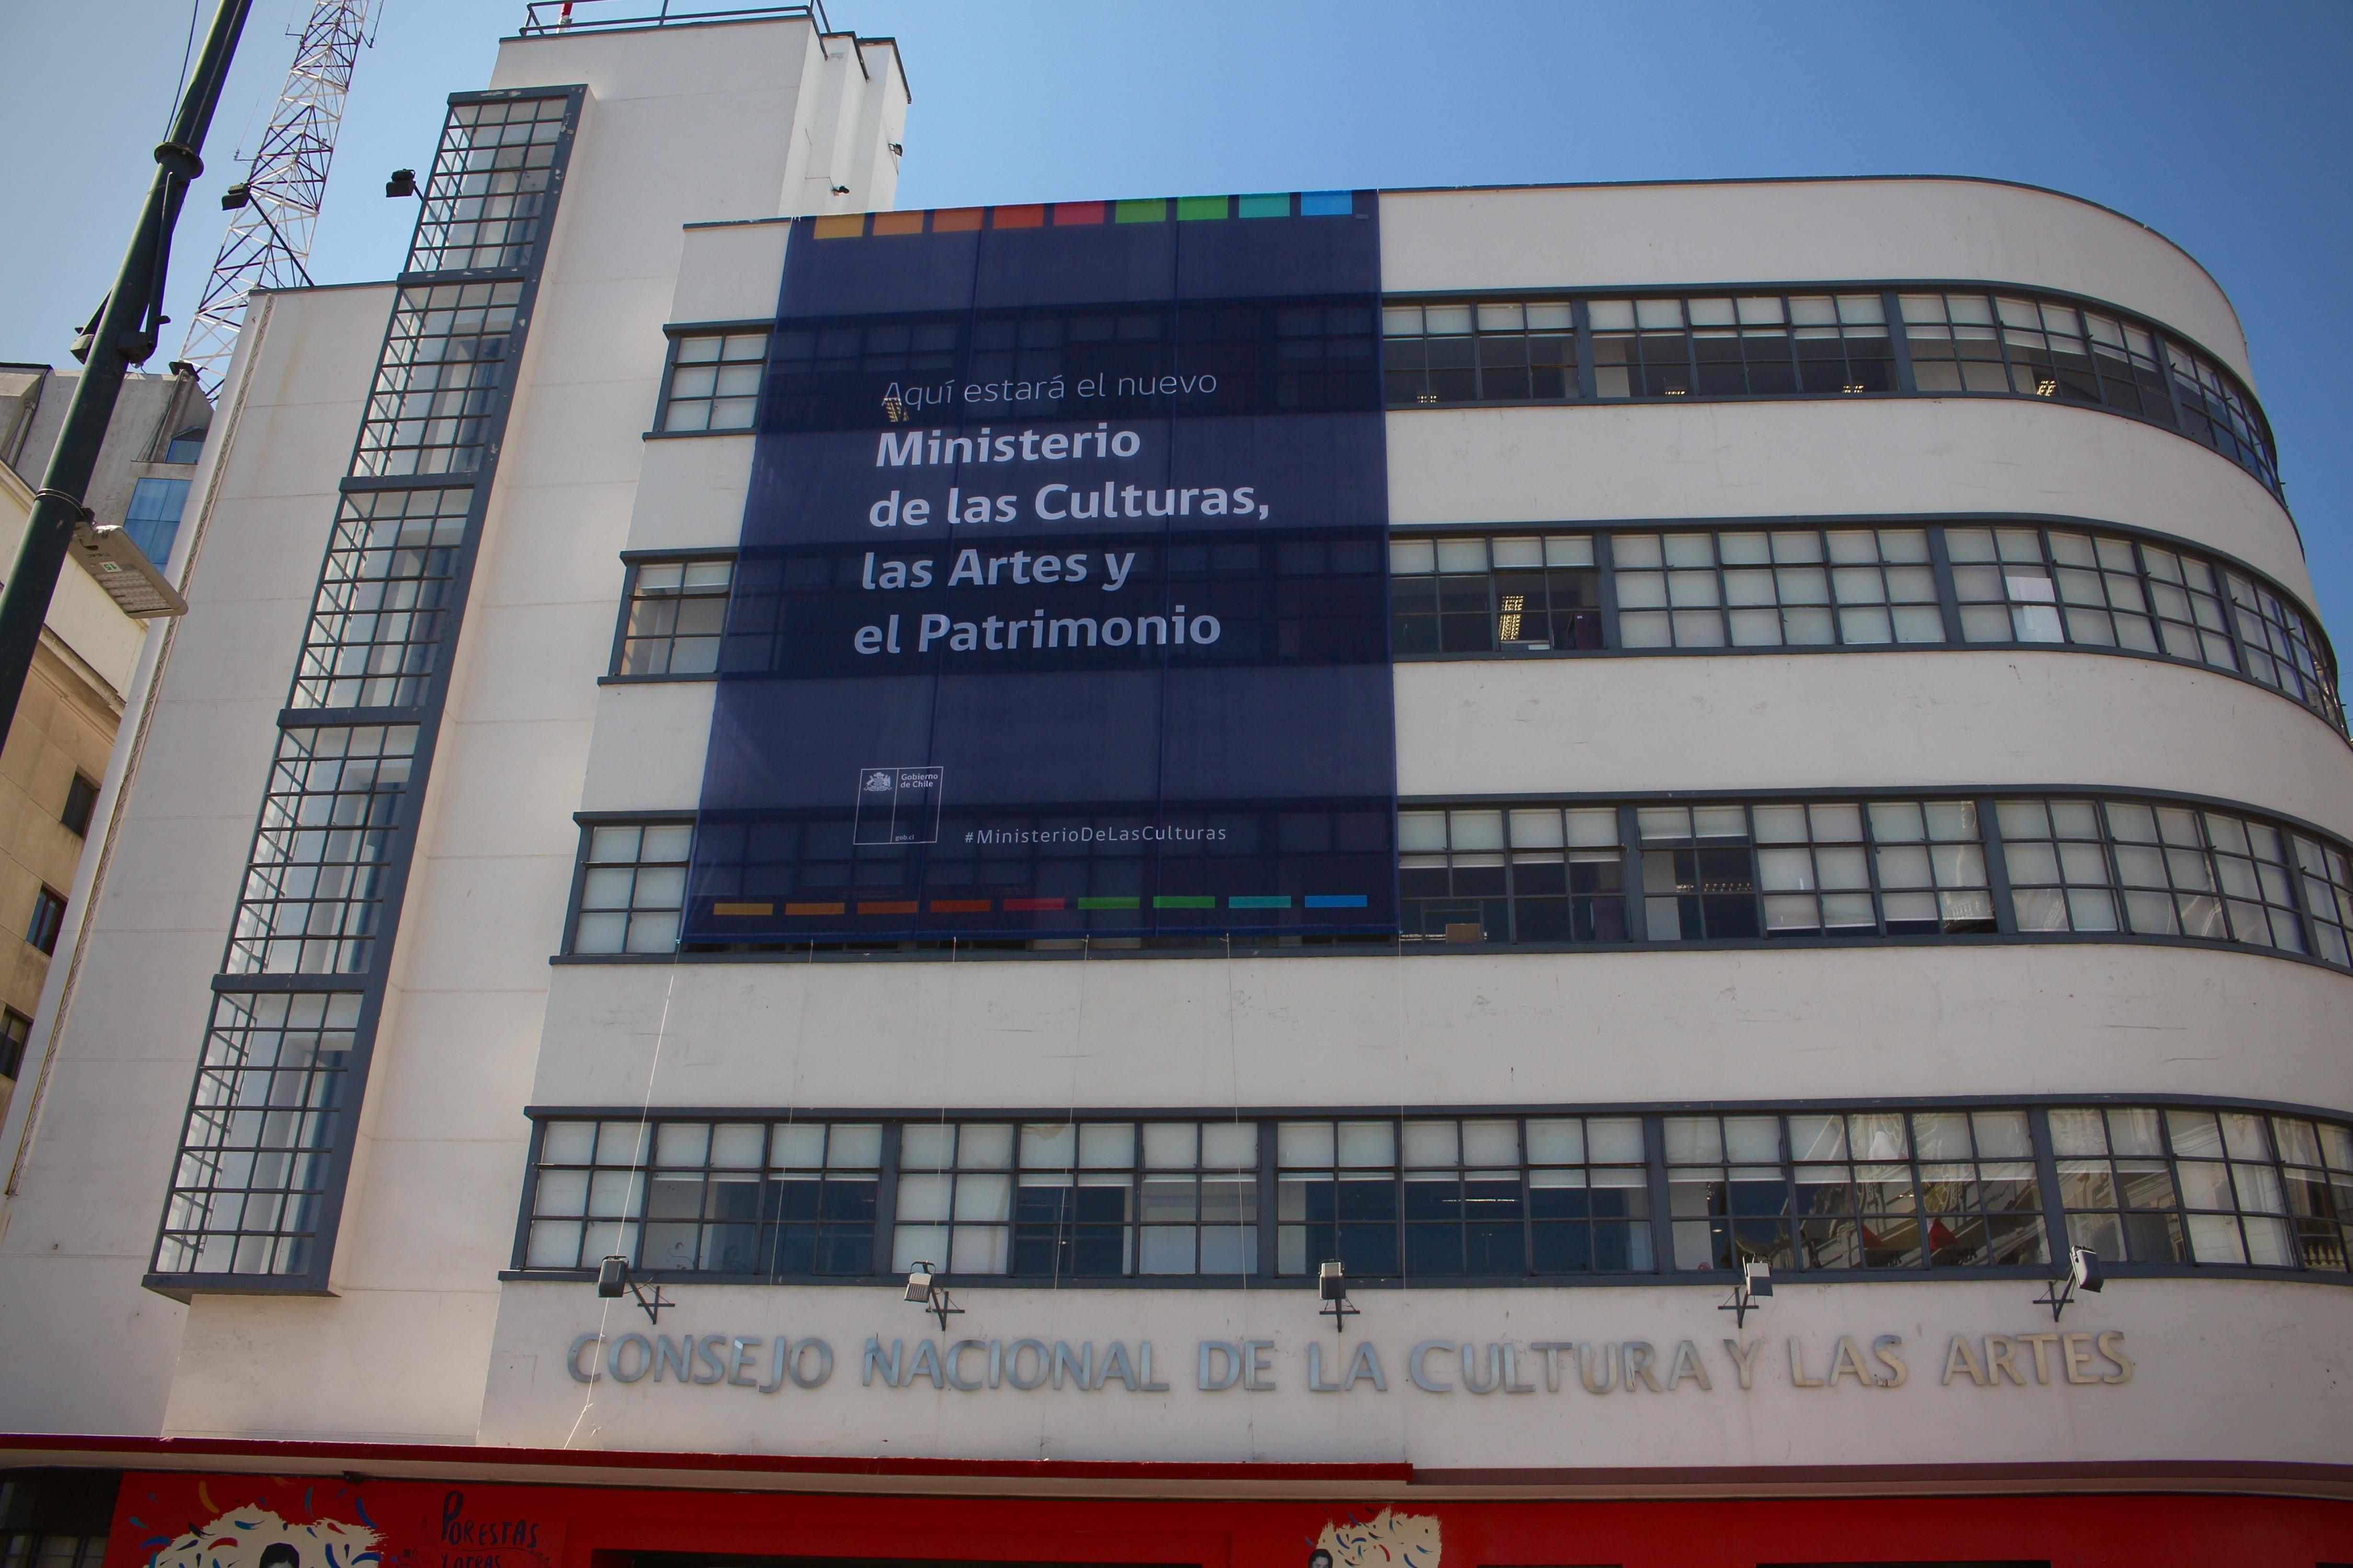 Fachada edificio Plaza Sotomayor | Cedida